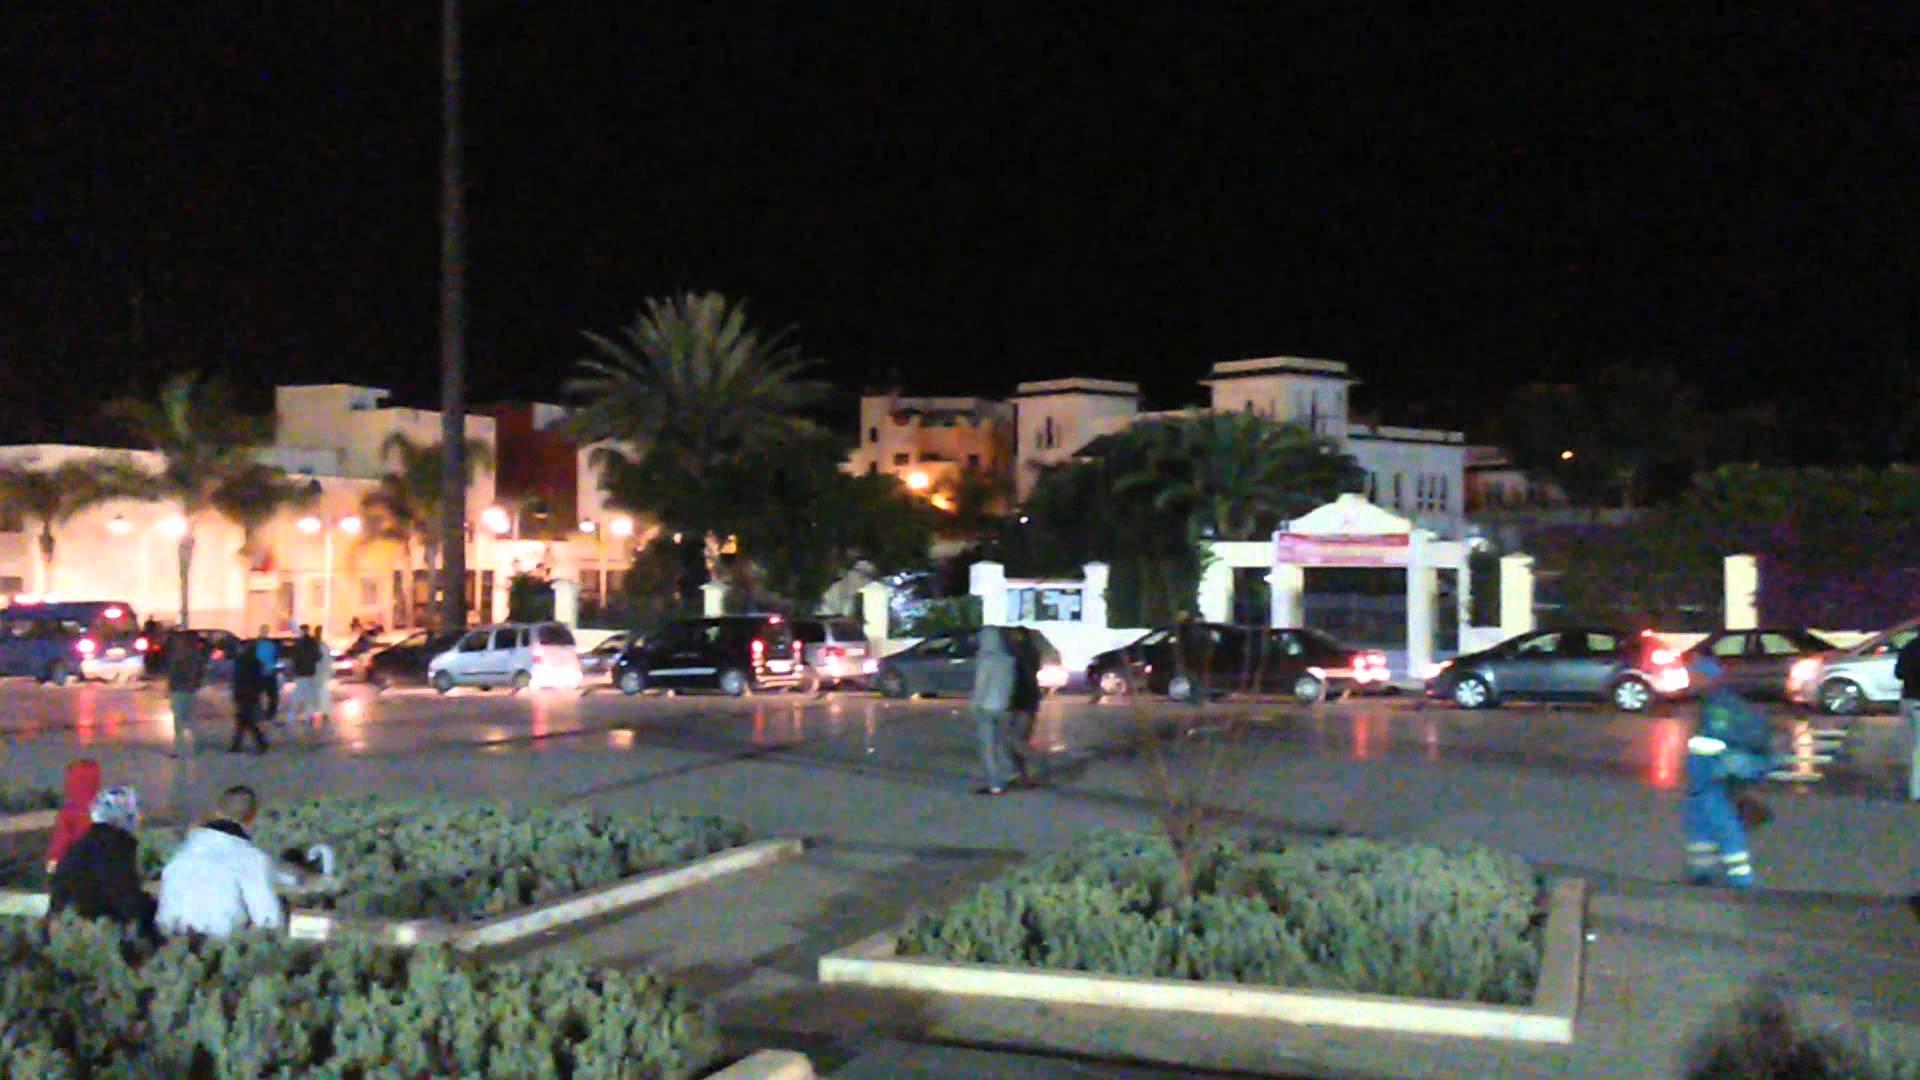 لحظة خروج المواطنين إلى الشارع بعد هزة ارضية بالحسيمة